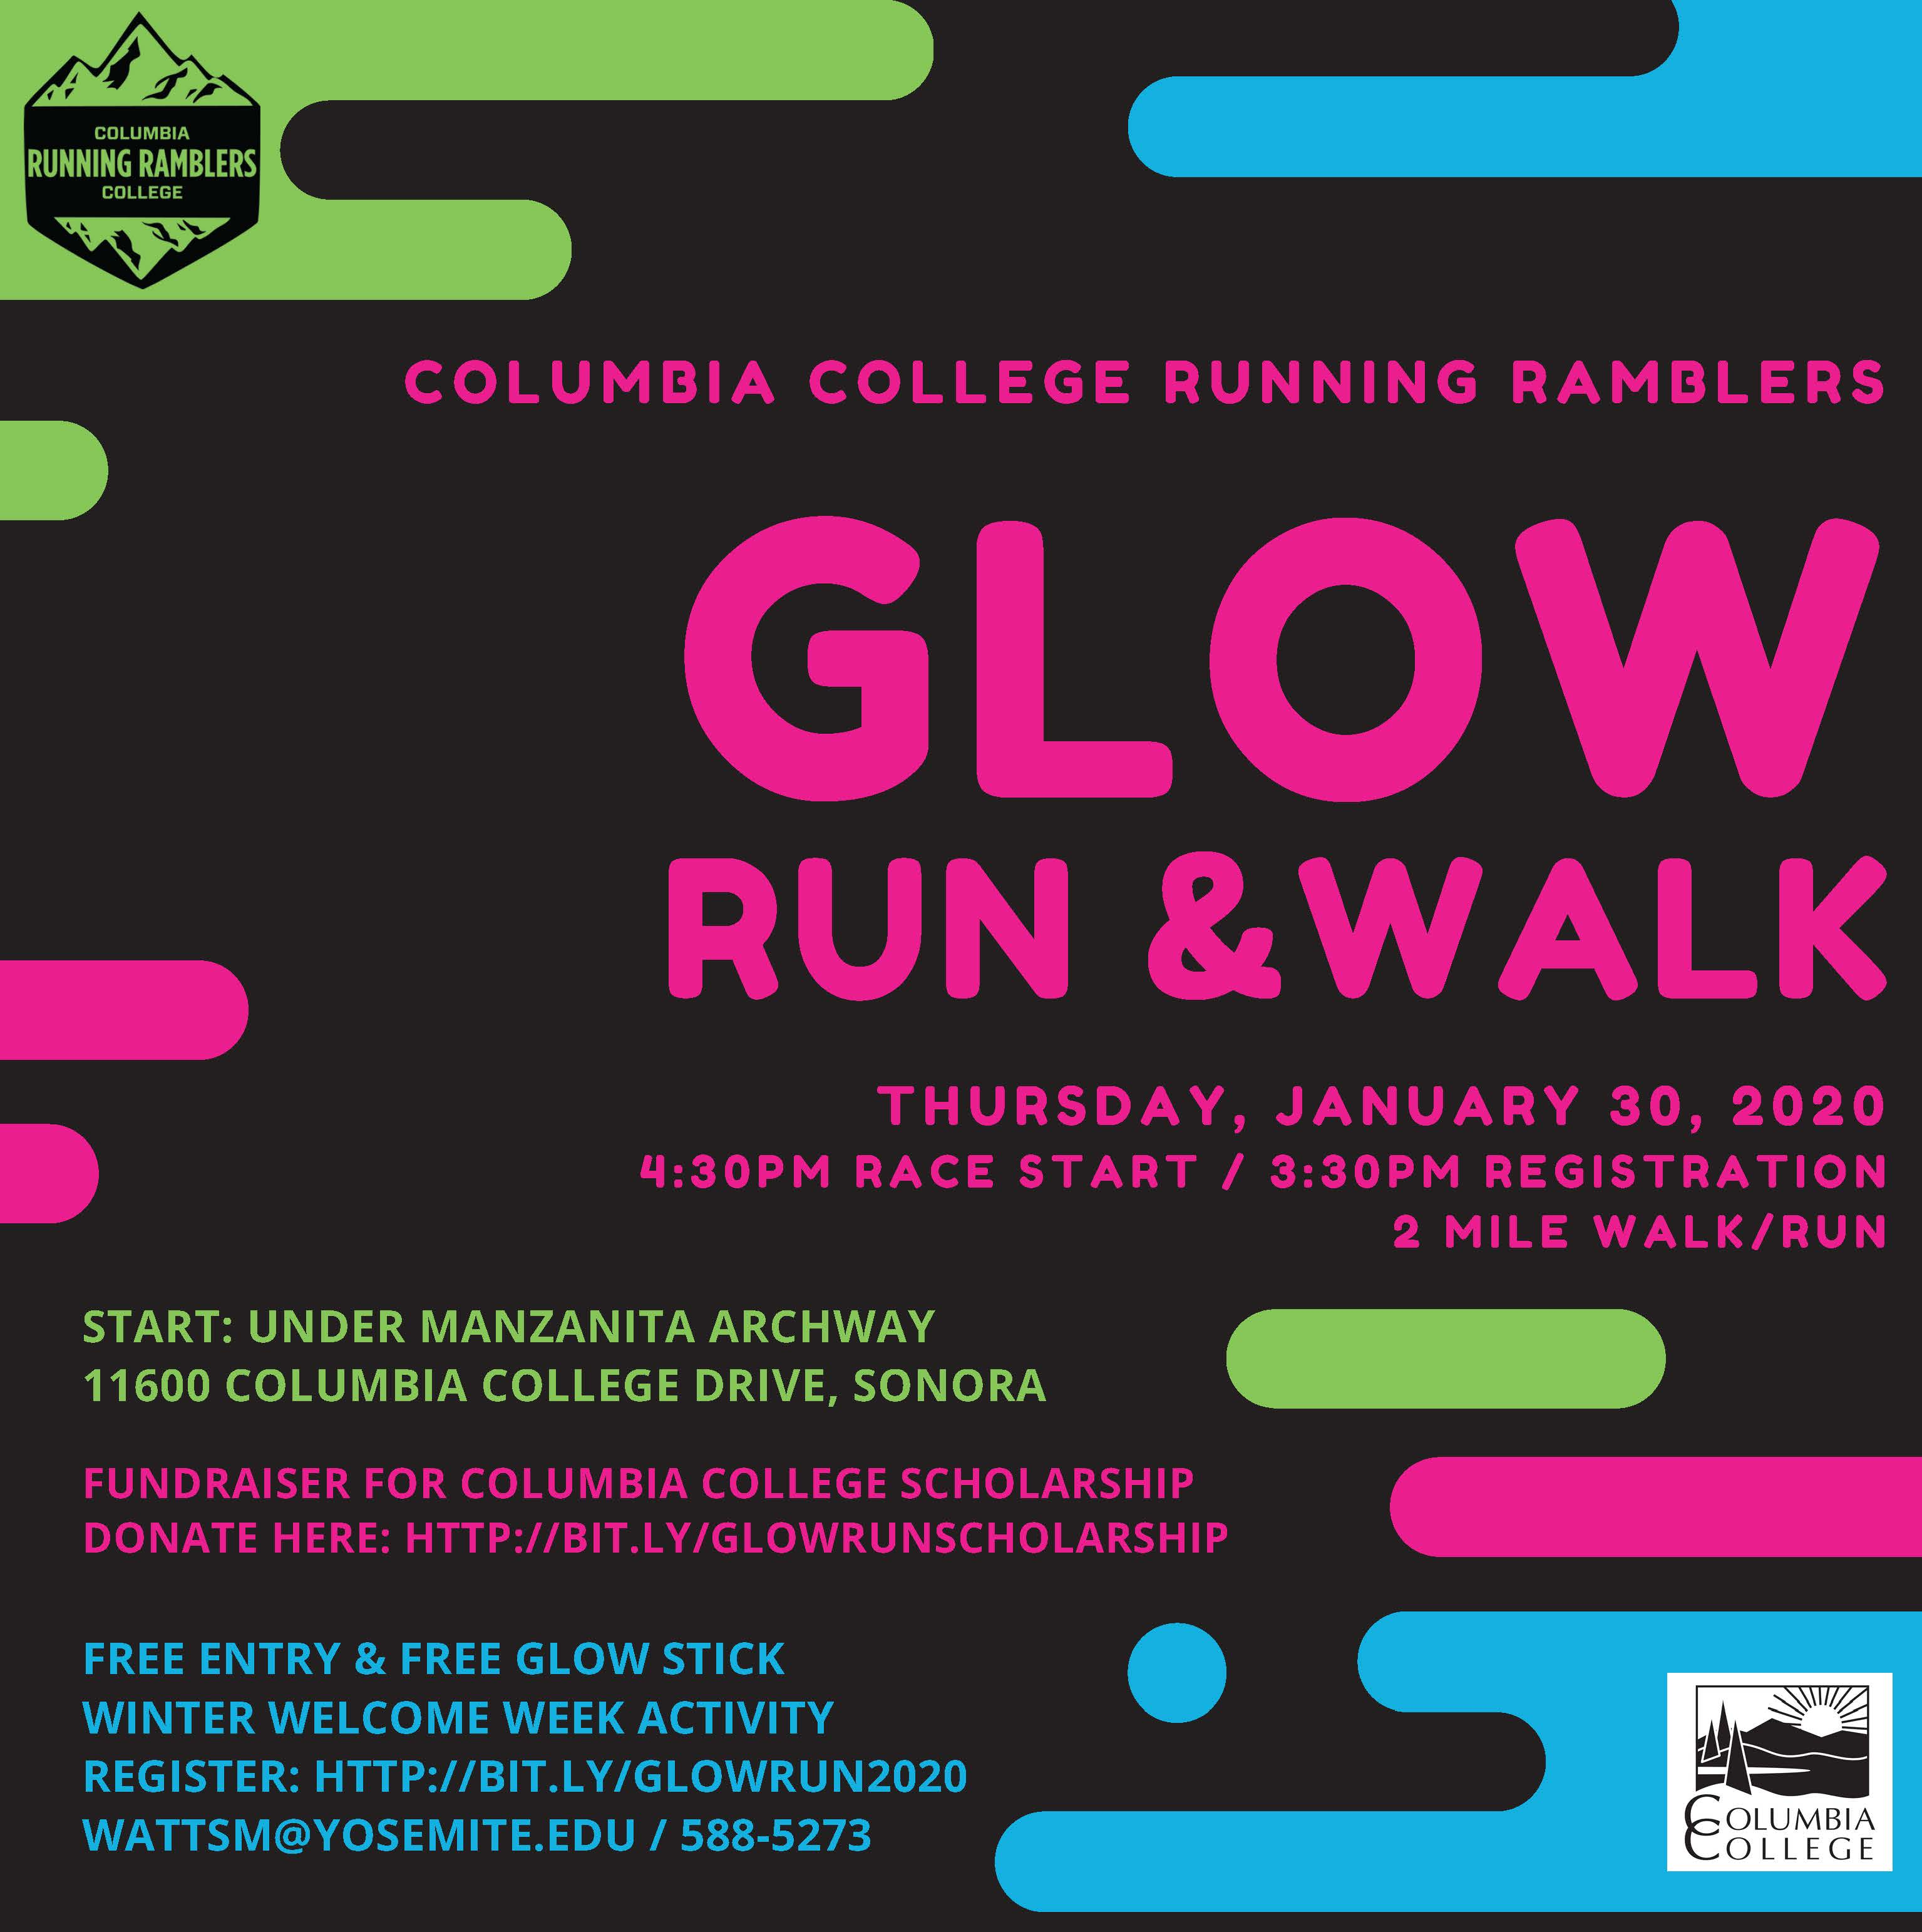 Glow Run January 30 2020